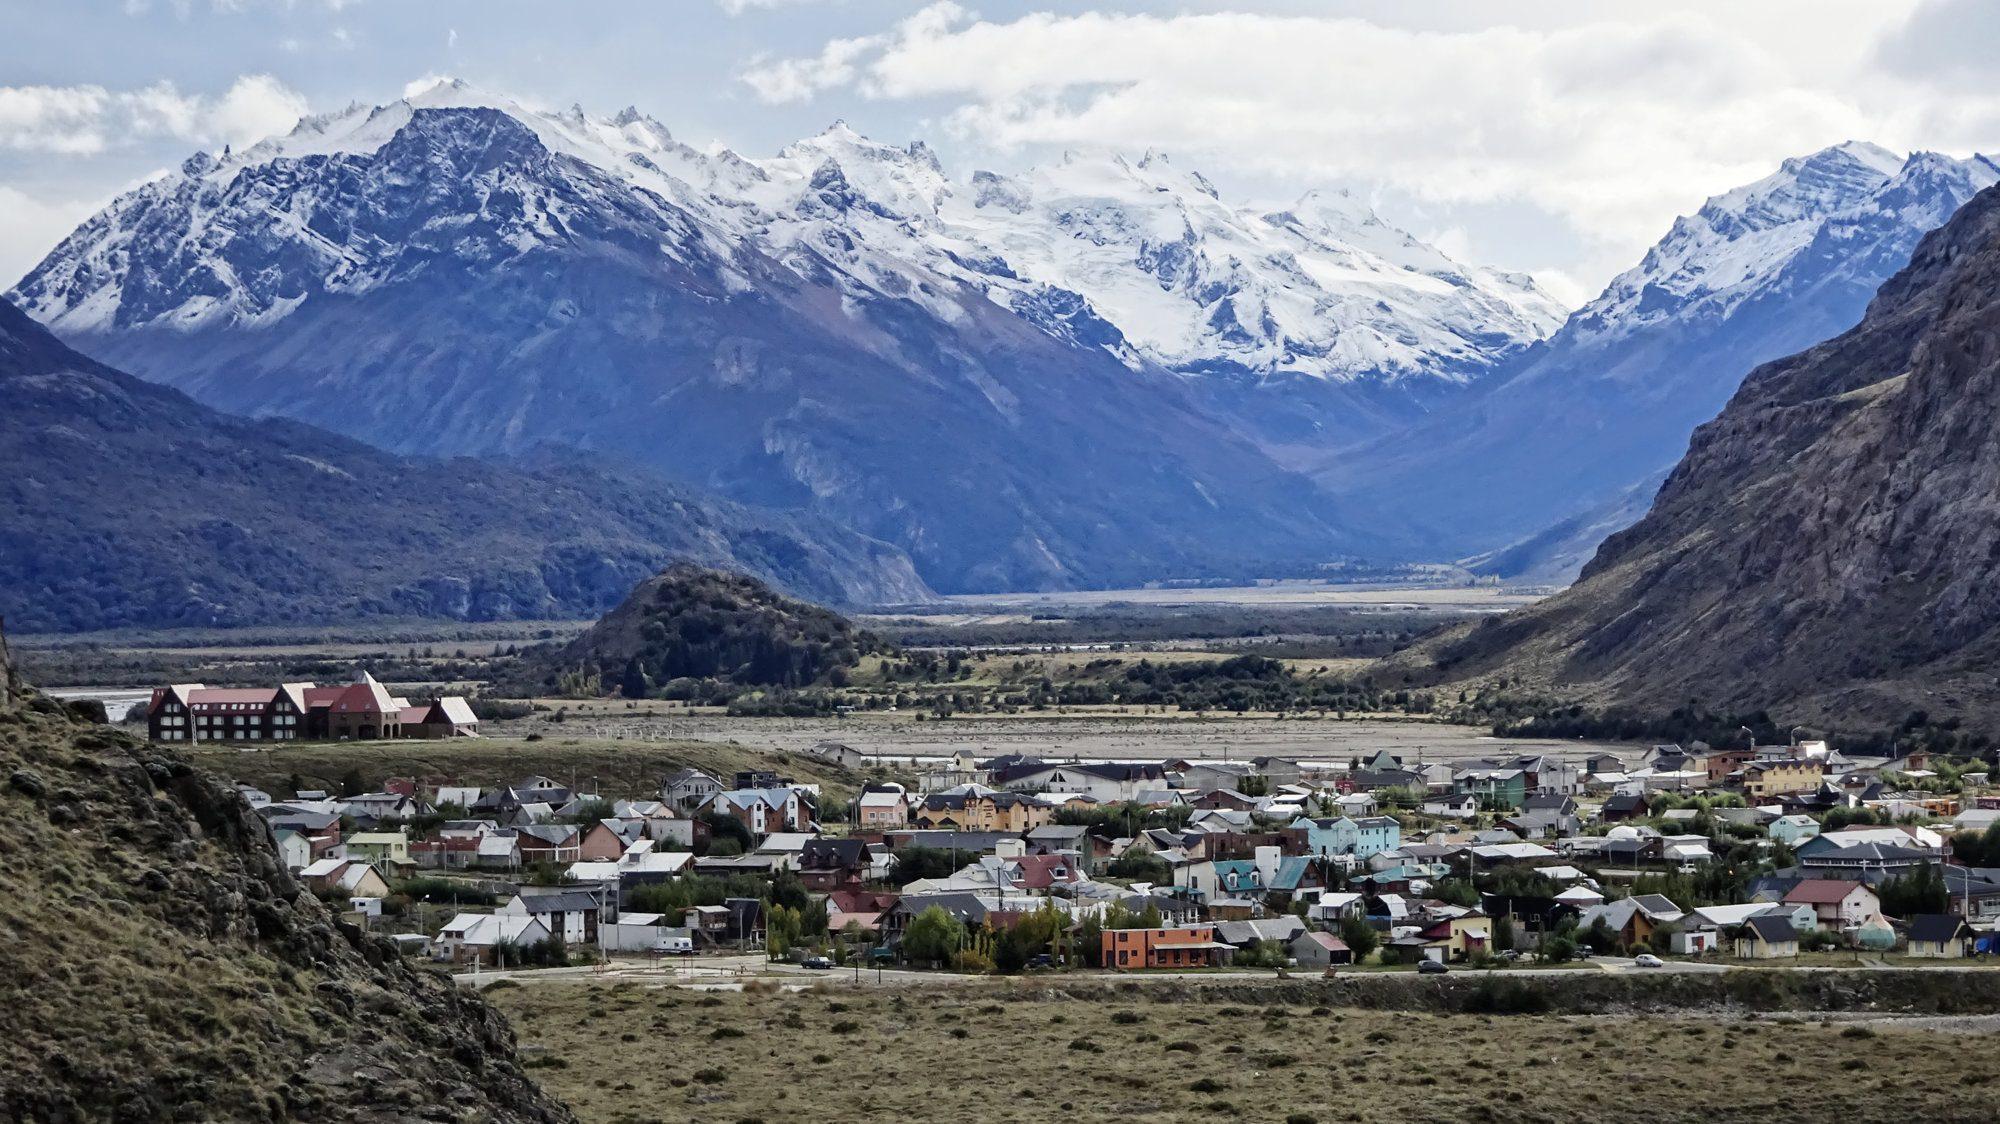 Blick auf El Chaltén,, Patagonien, Argentinien, Wanderung, Trekking